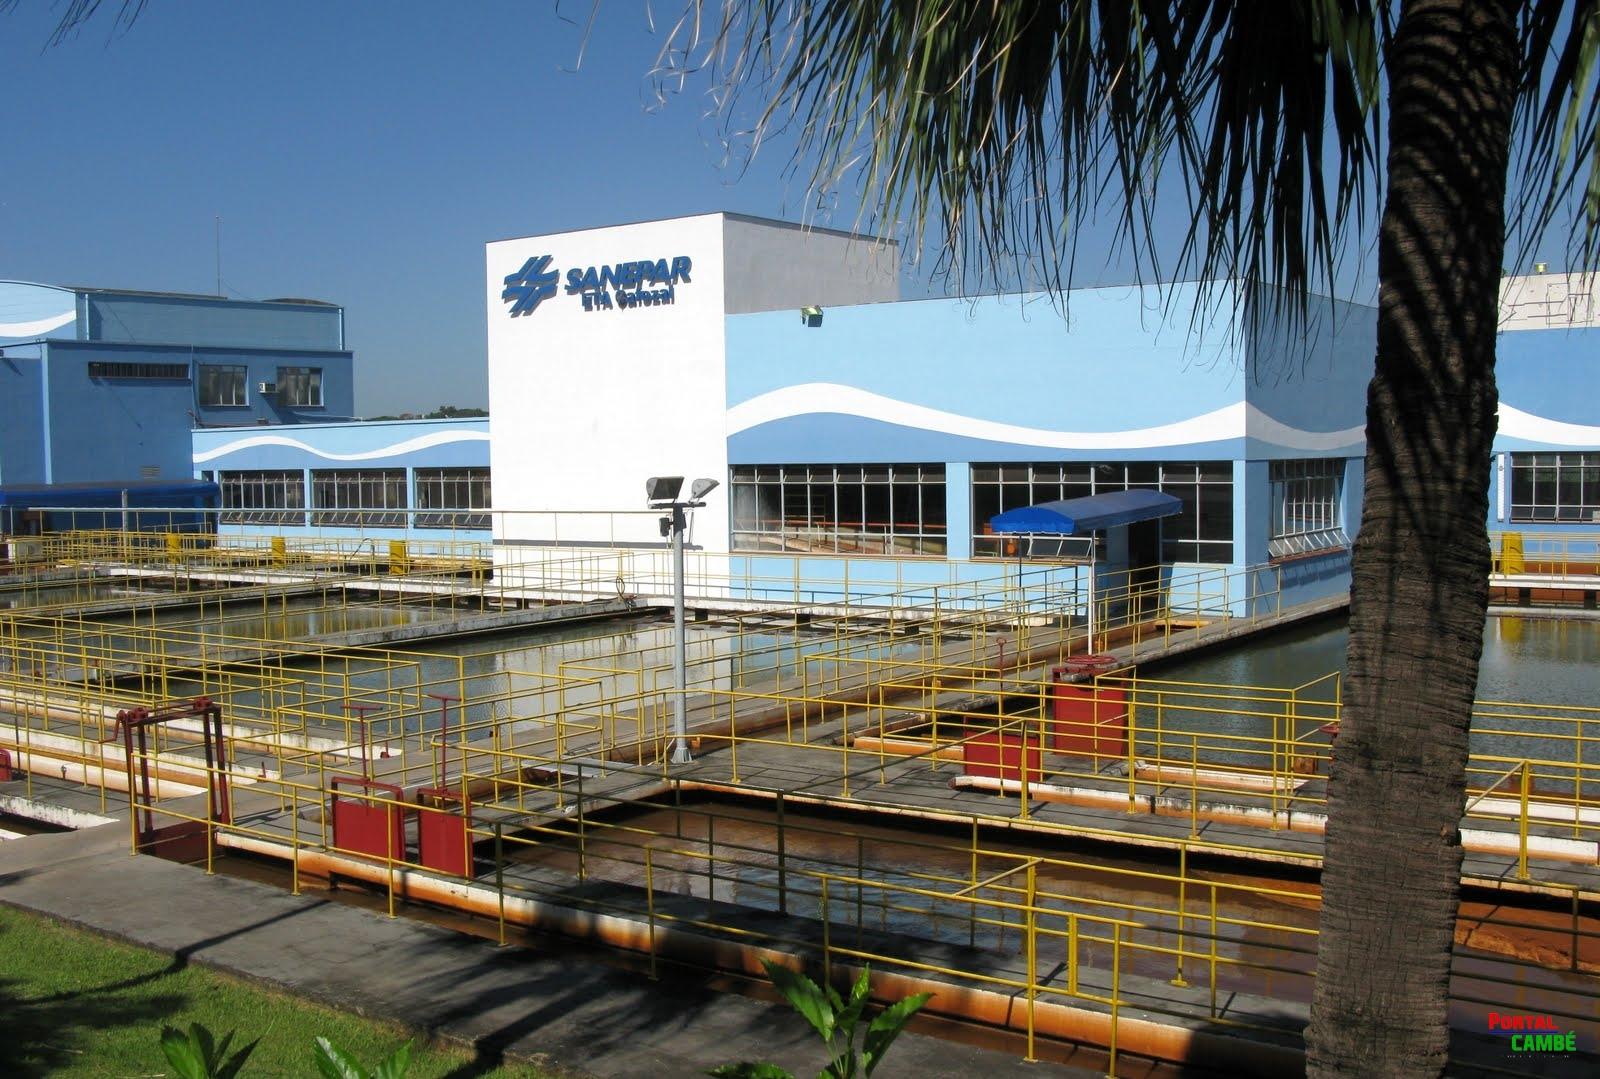 Sanepar comunica interrompimento no abastecimento em Cambé no próximo domingo (2)